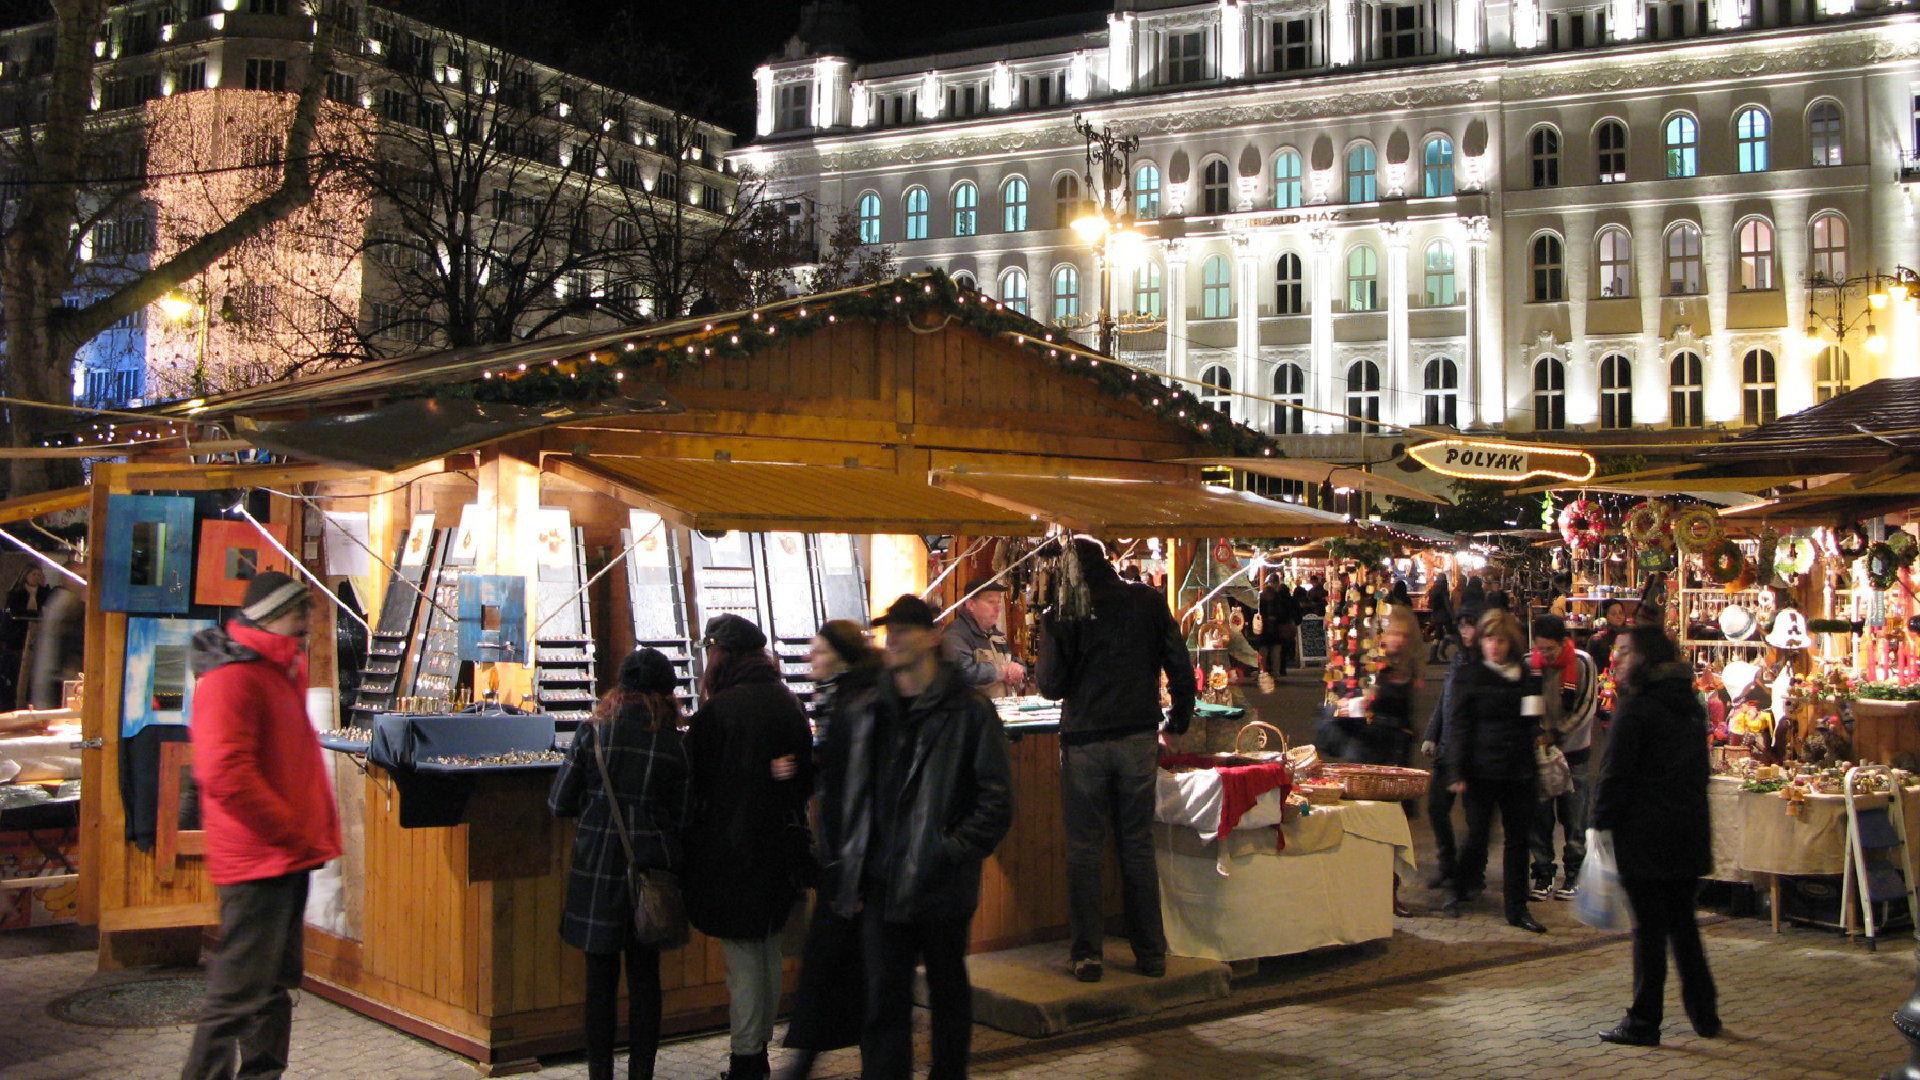 Vánoční trhy Budapešť 2019 – Datum, mapa, průvodce